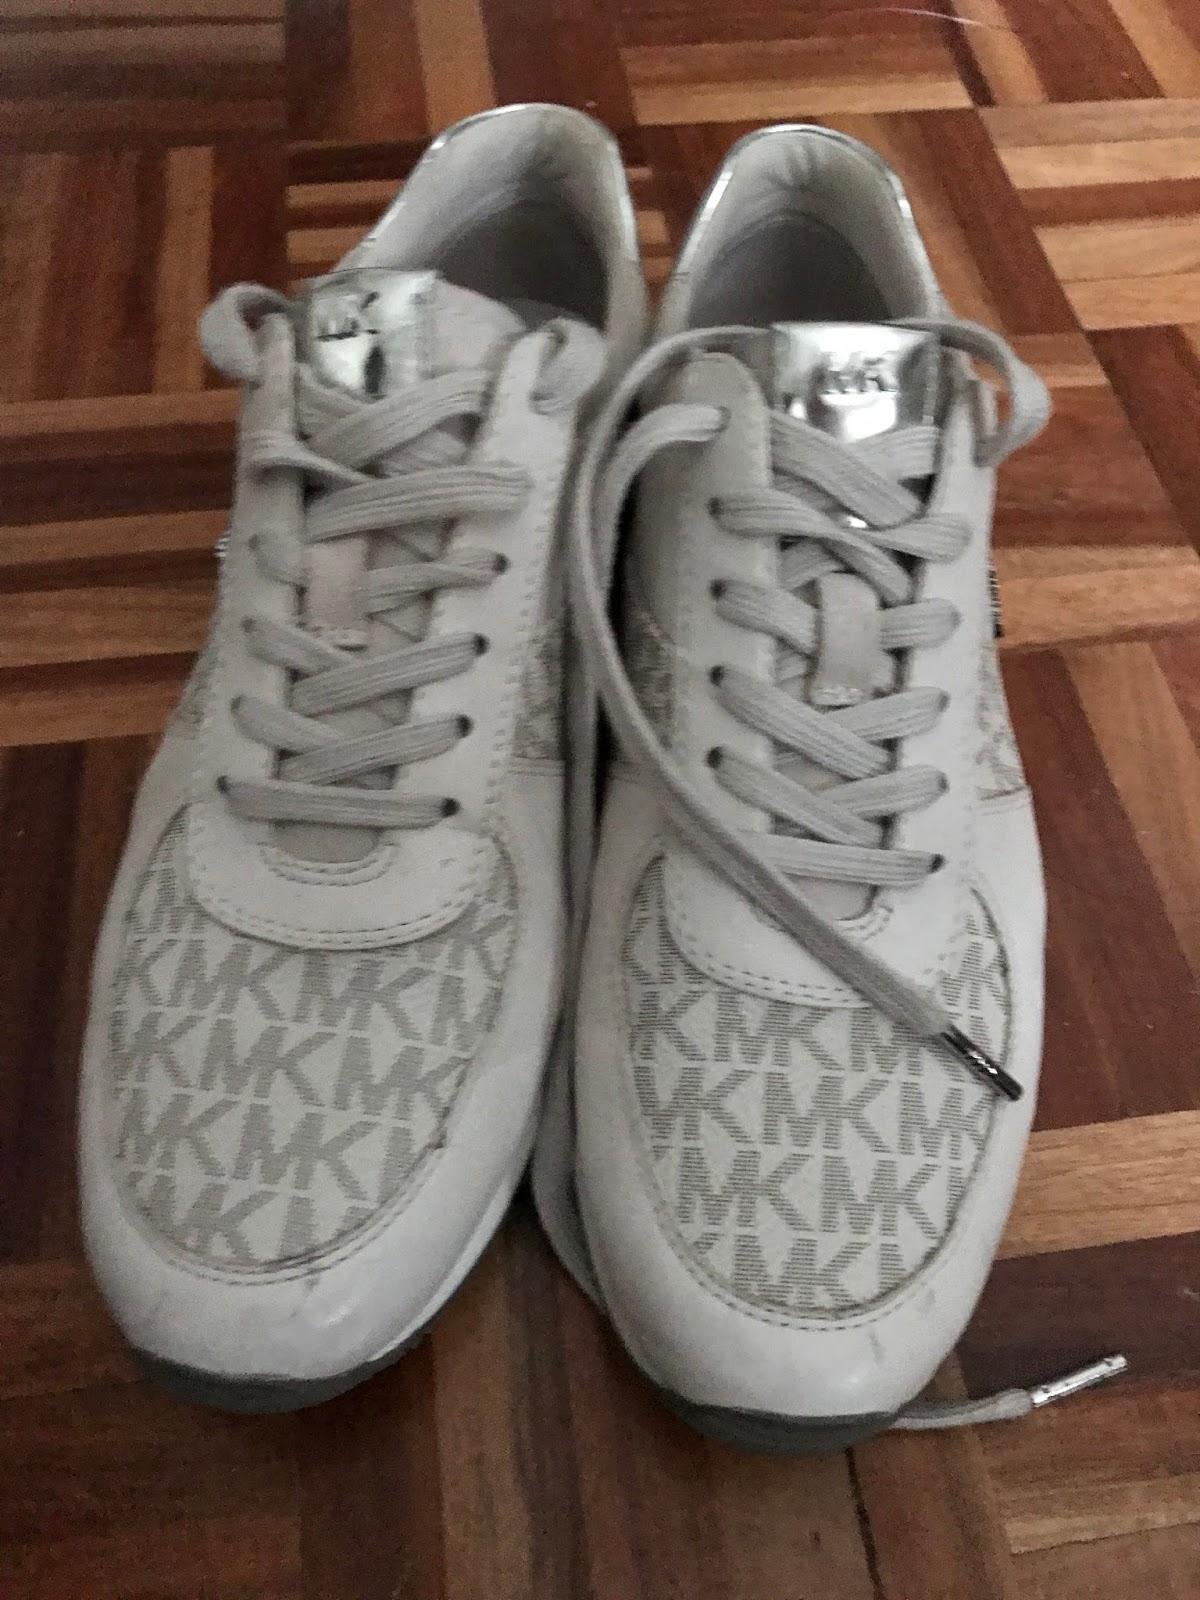 mejores zapatillas de deporte para toda la familia profesional de venta caliente Al buscar,encuentras: DEPORTIVAS CAROLINA HERRERA Y MICHAEL KORS